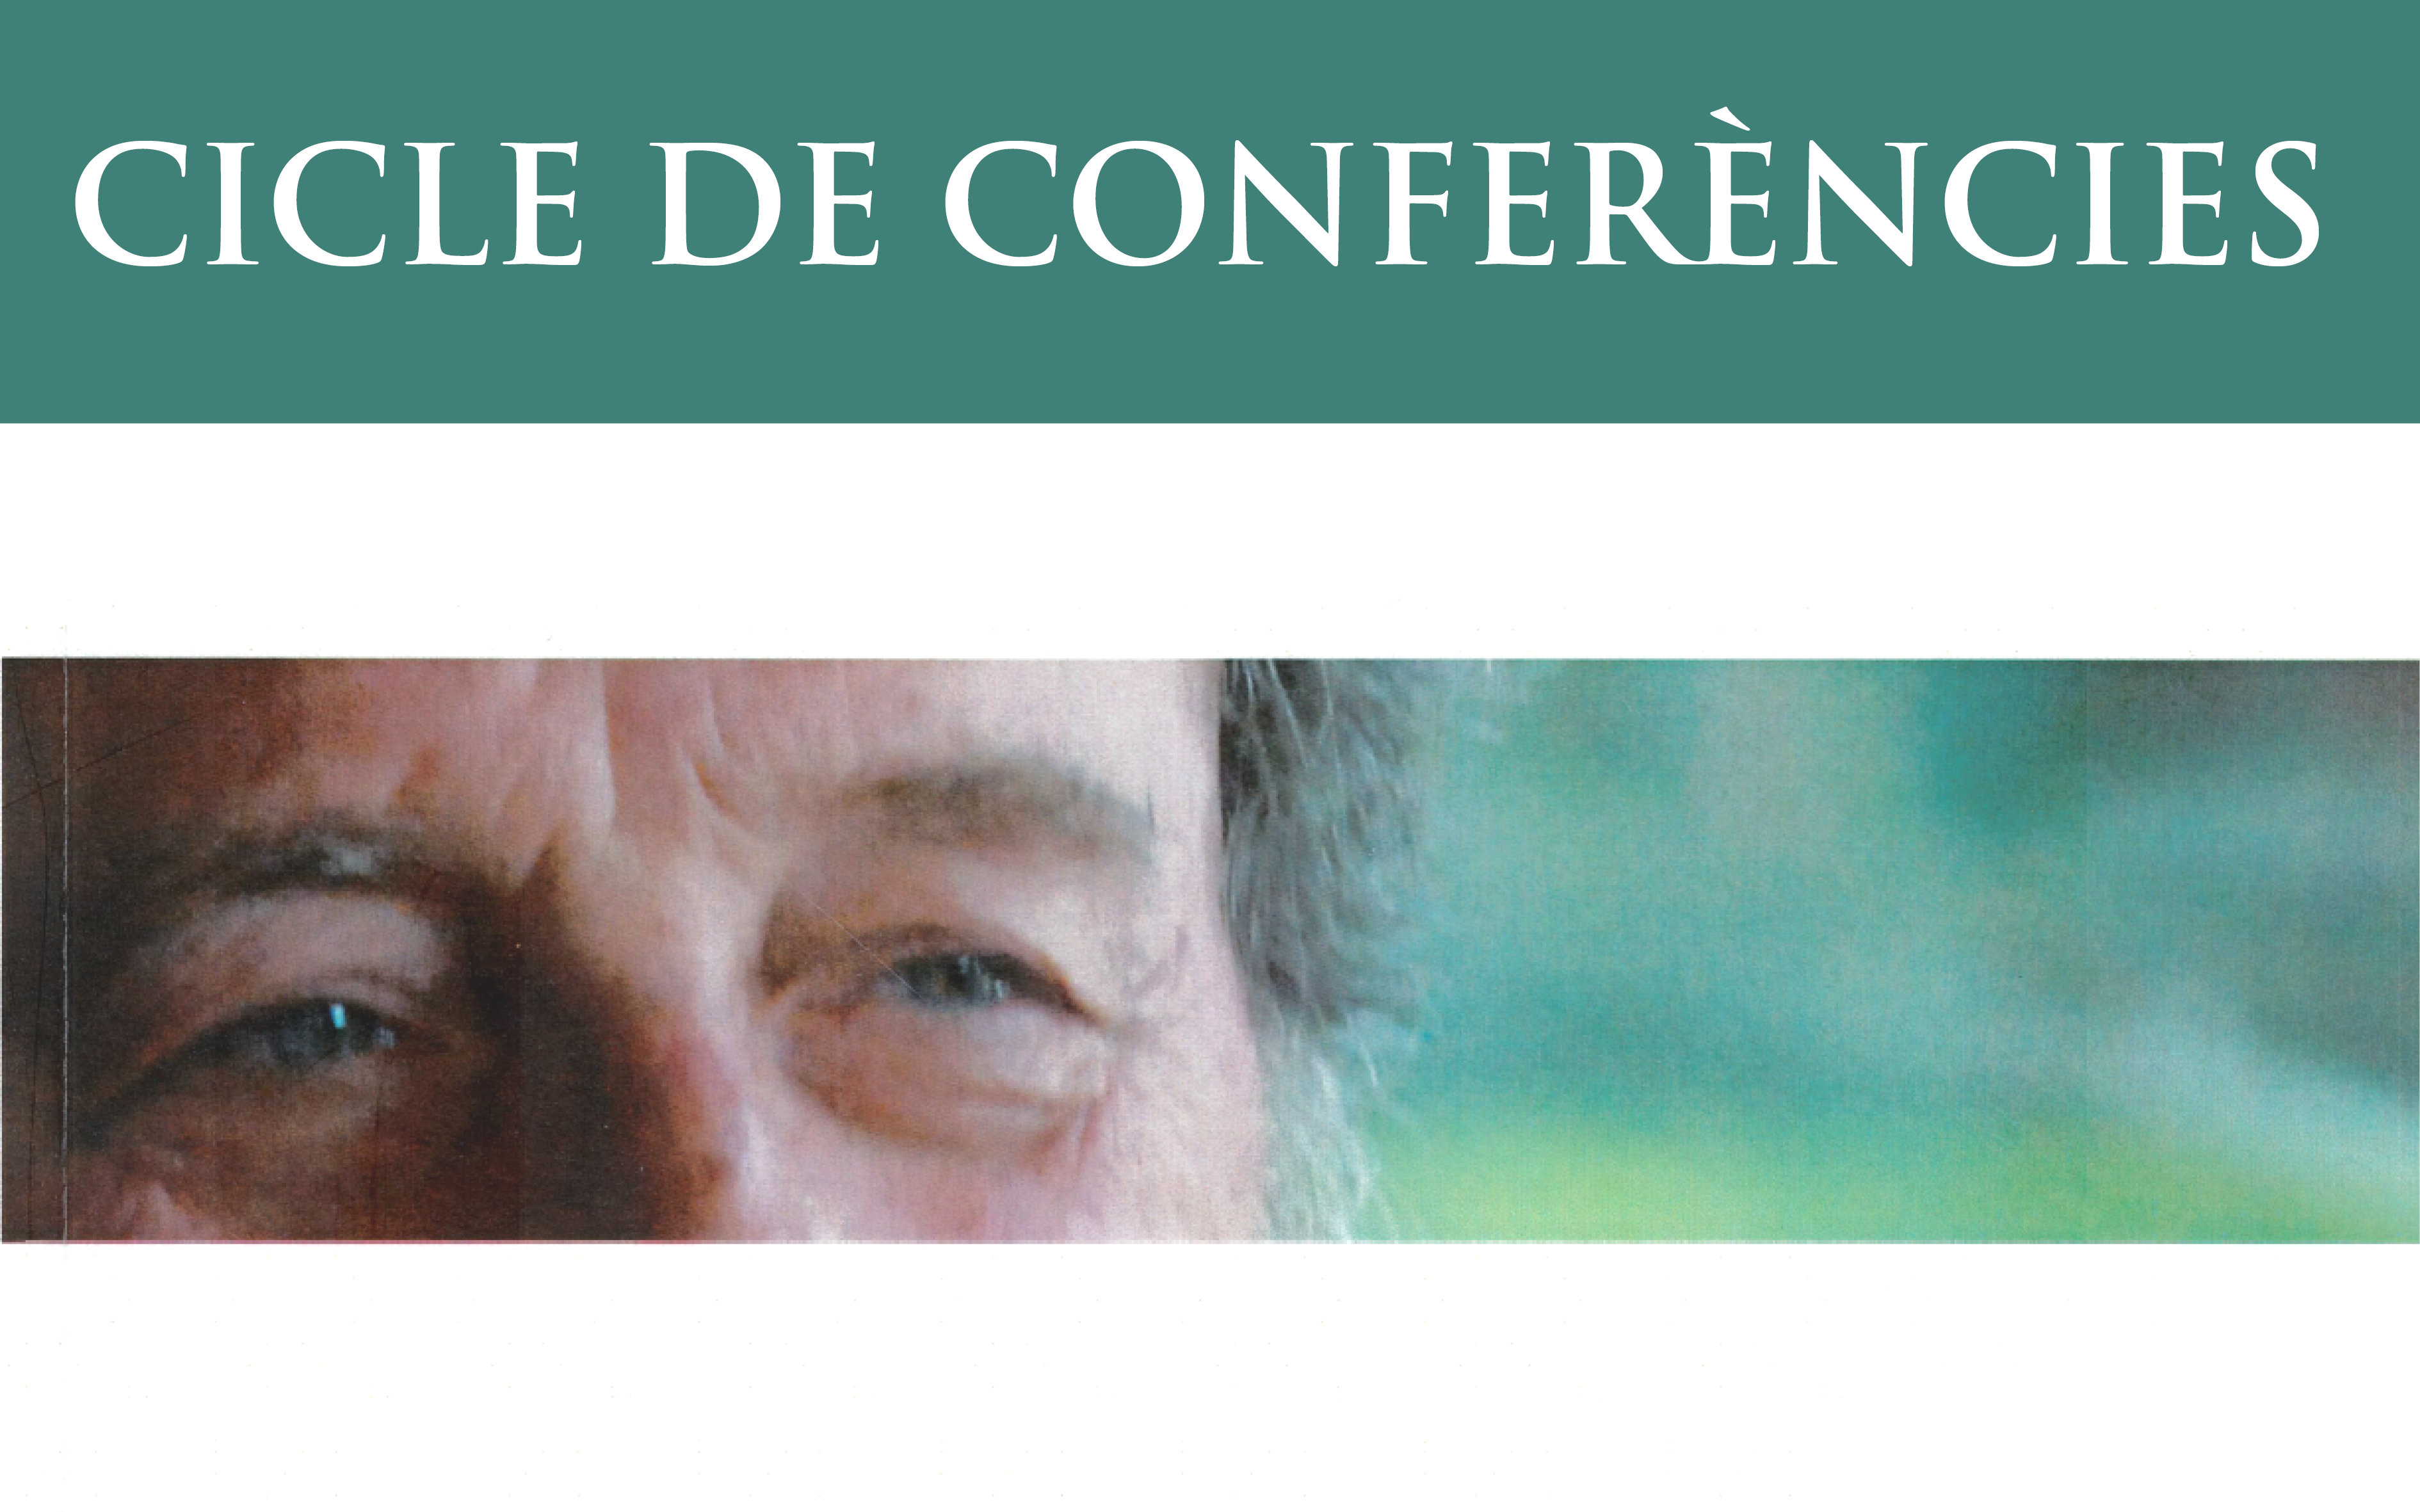 17. CICLE DE CONFERÈNCIES: Perspectives Del Pensament De Corbí